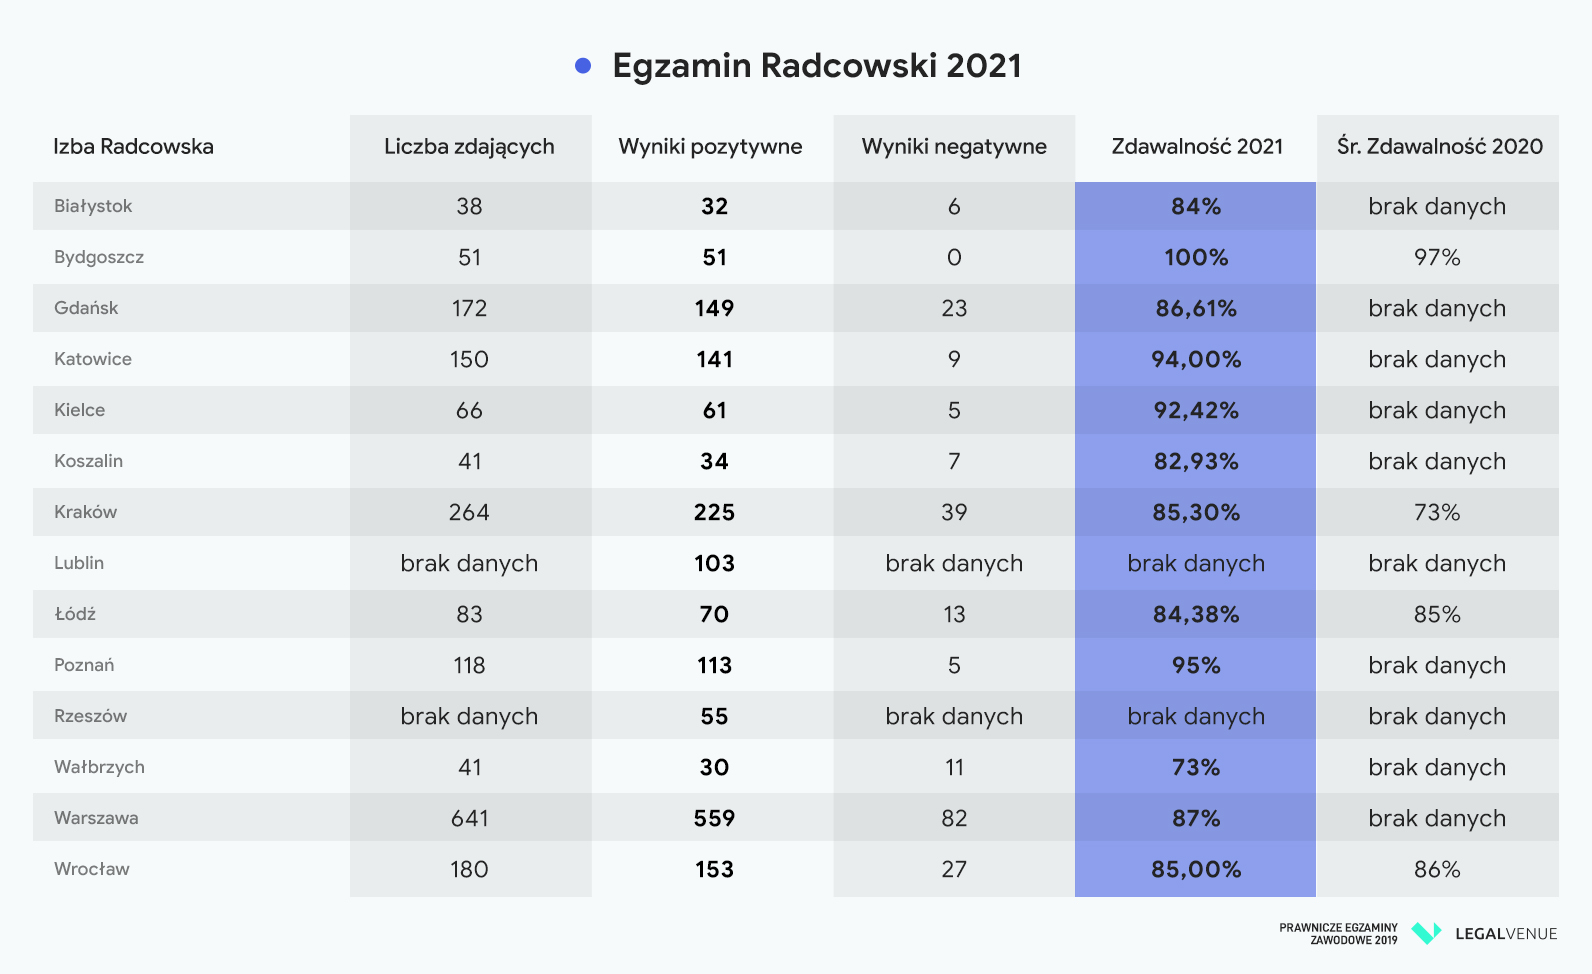 egzamin adwokacki egzamin radcowski 2020 2021 wyniki warszawa